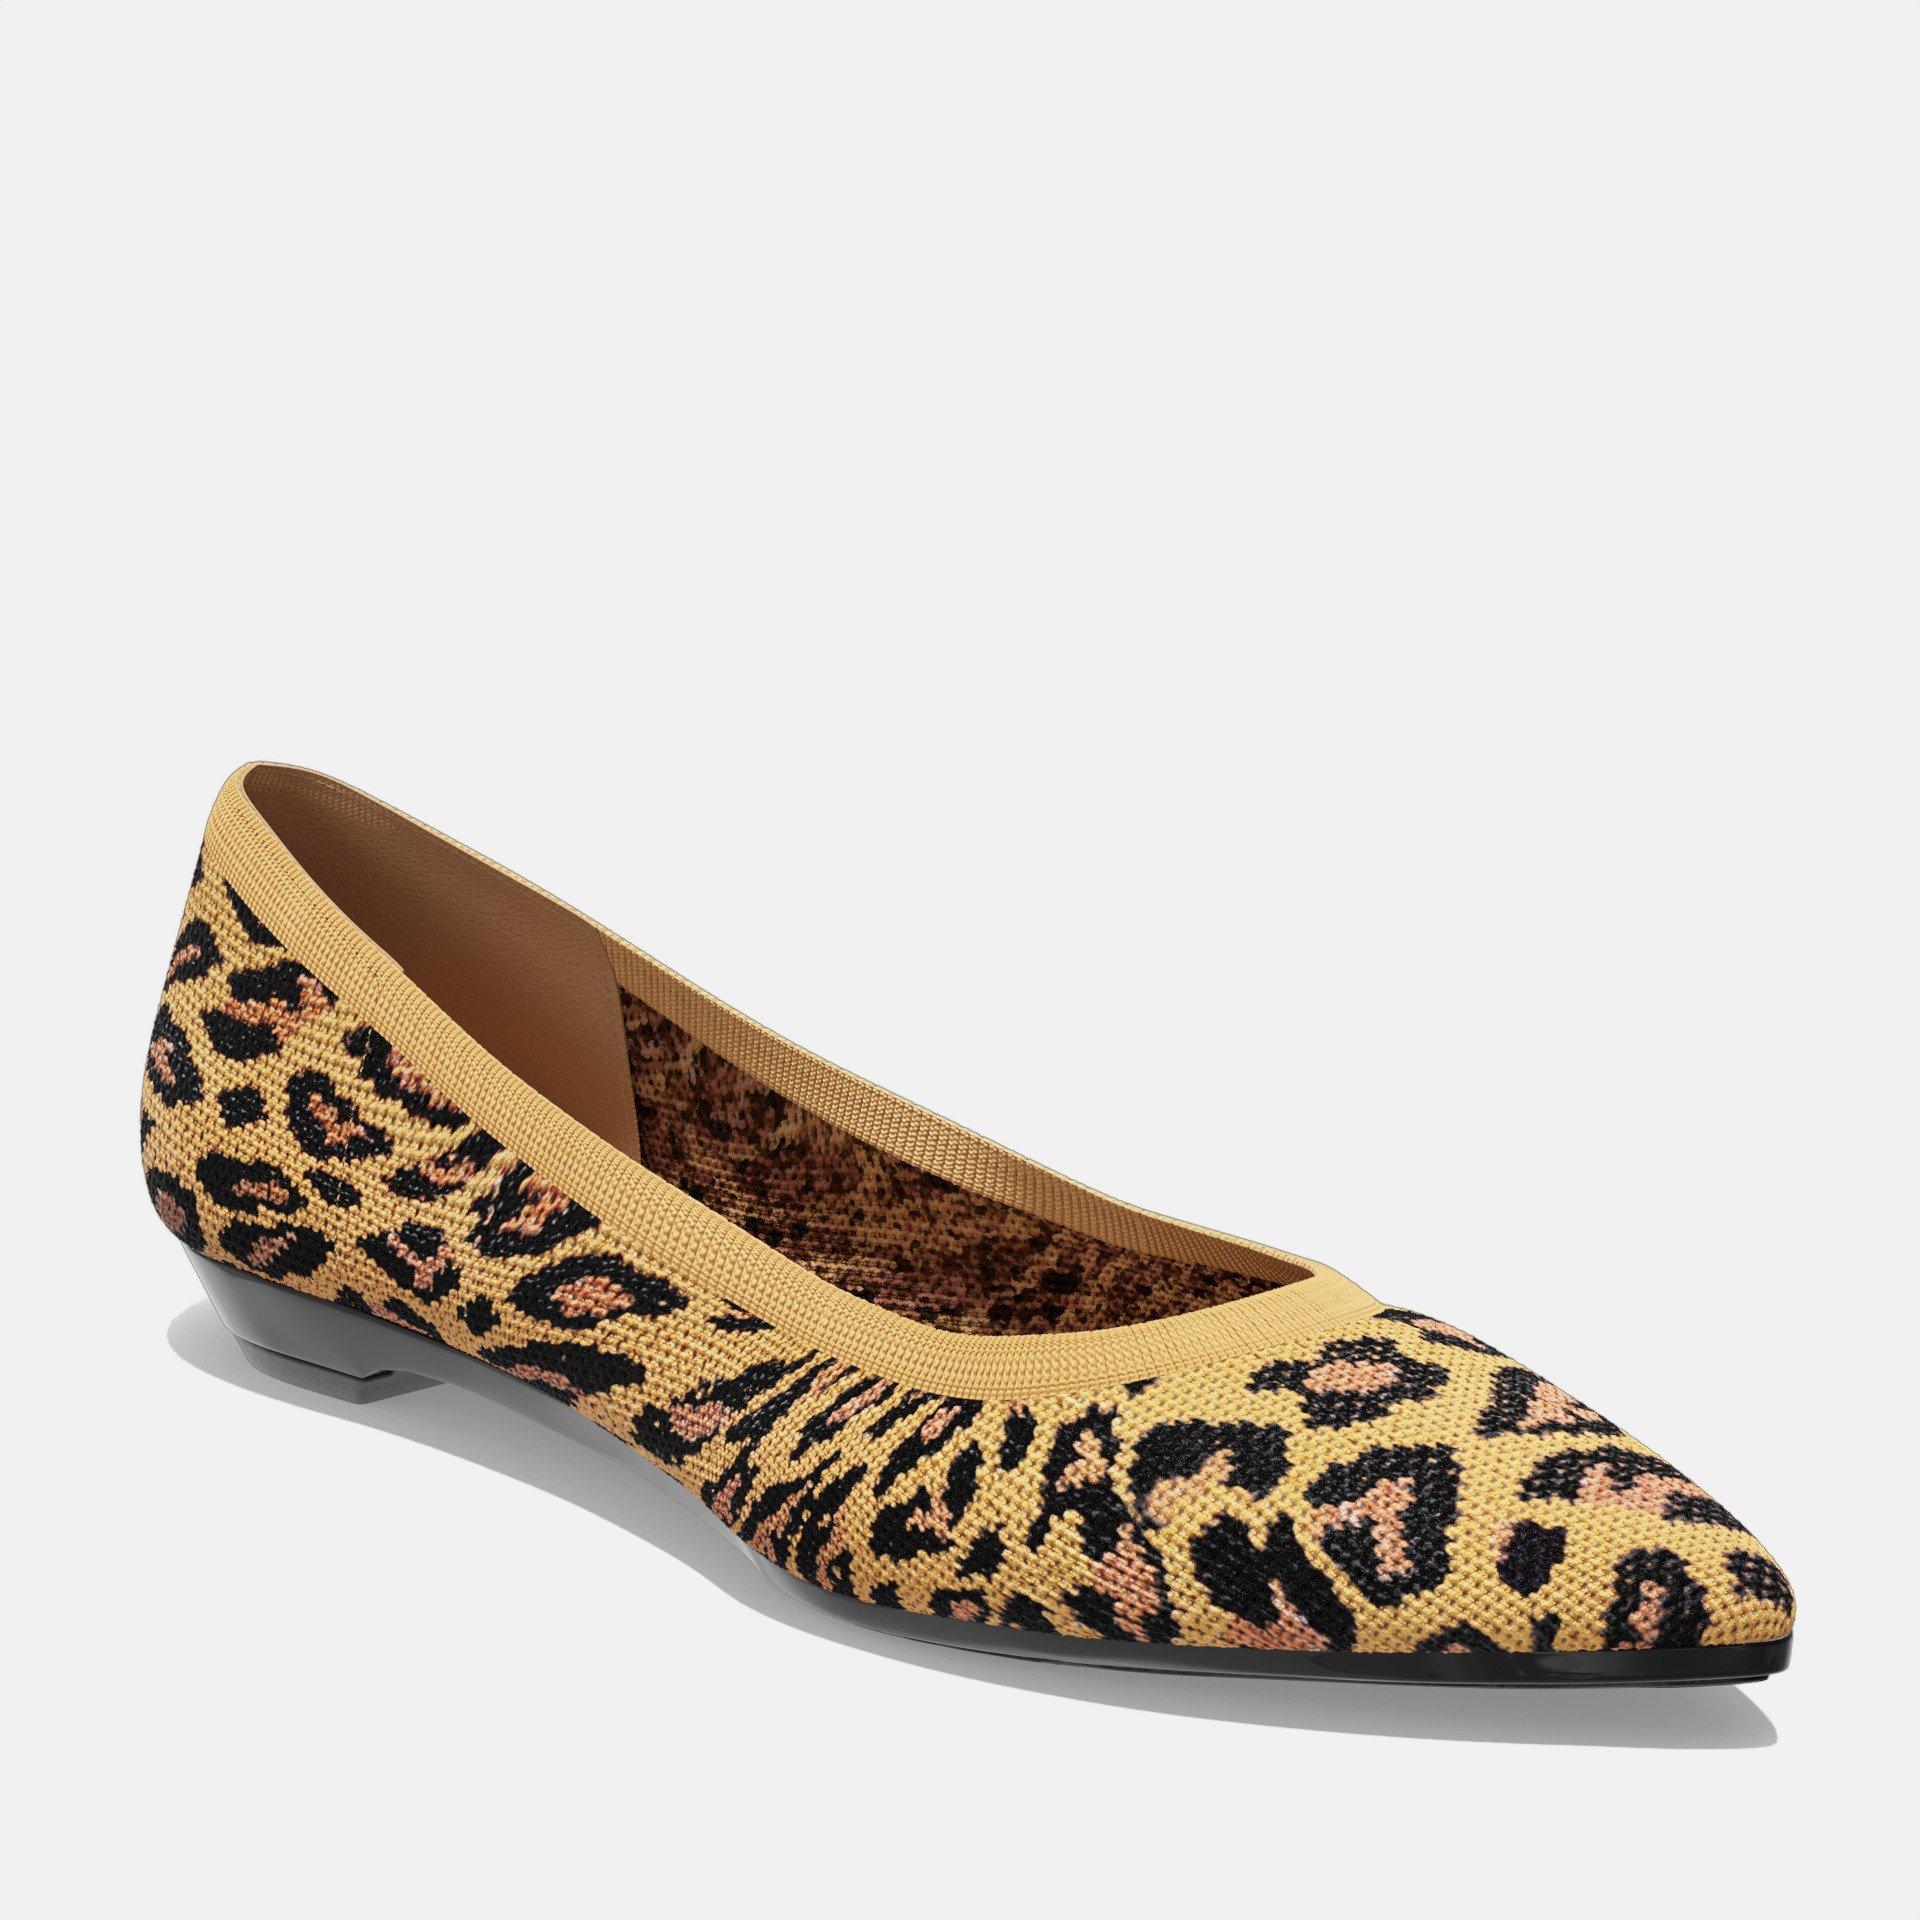 Stiletto Cheetah 3 Inch